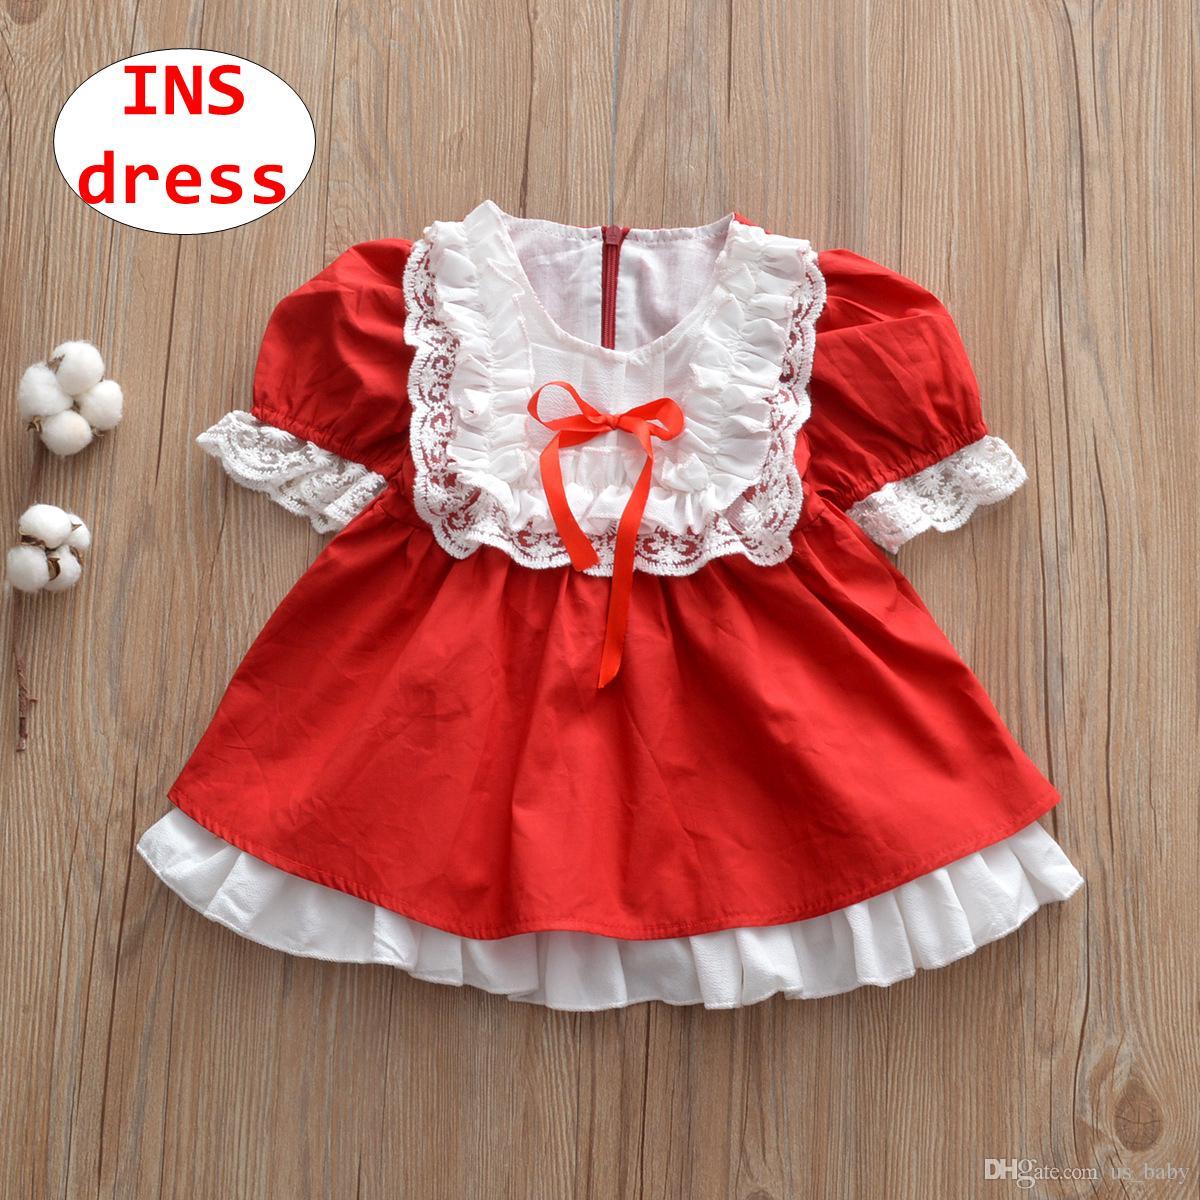 2b3161b83 Compre INS Menina Doce Vestido De Bebê Boneca De Natal Vestido De Renda  Branca Vermelha Crianças De Manga Curta Outono Vestido De Baile De Us_baby,  ...